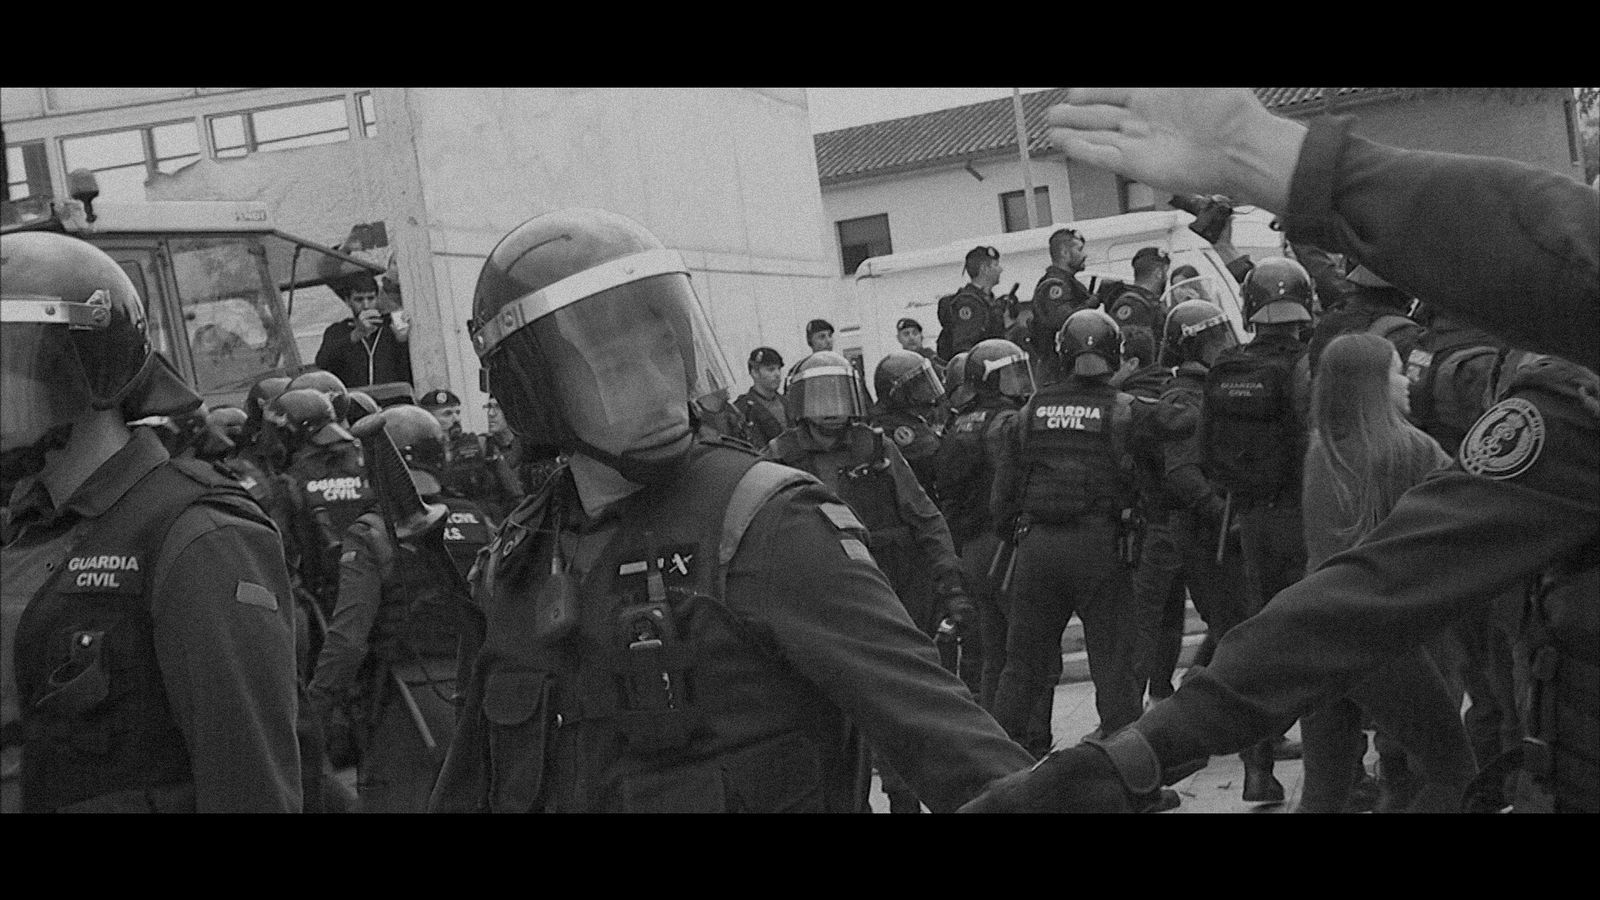 TV3 emetrà demà '1-O, cas obert', documental sobre l'operatiu policial contra el referèndum